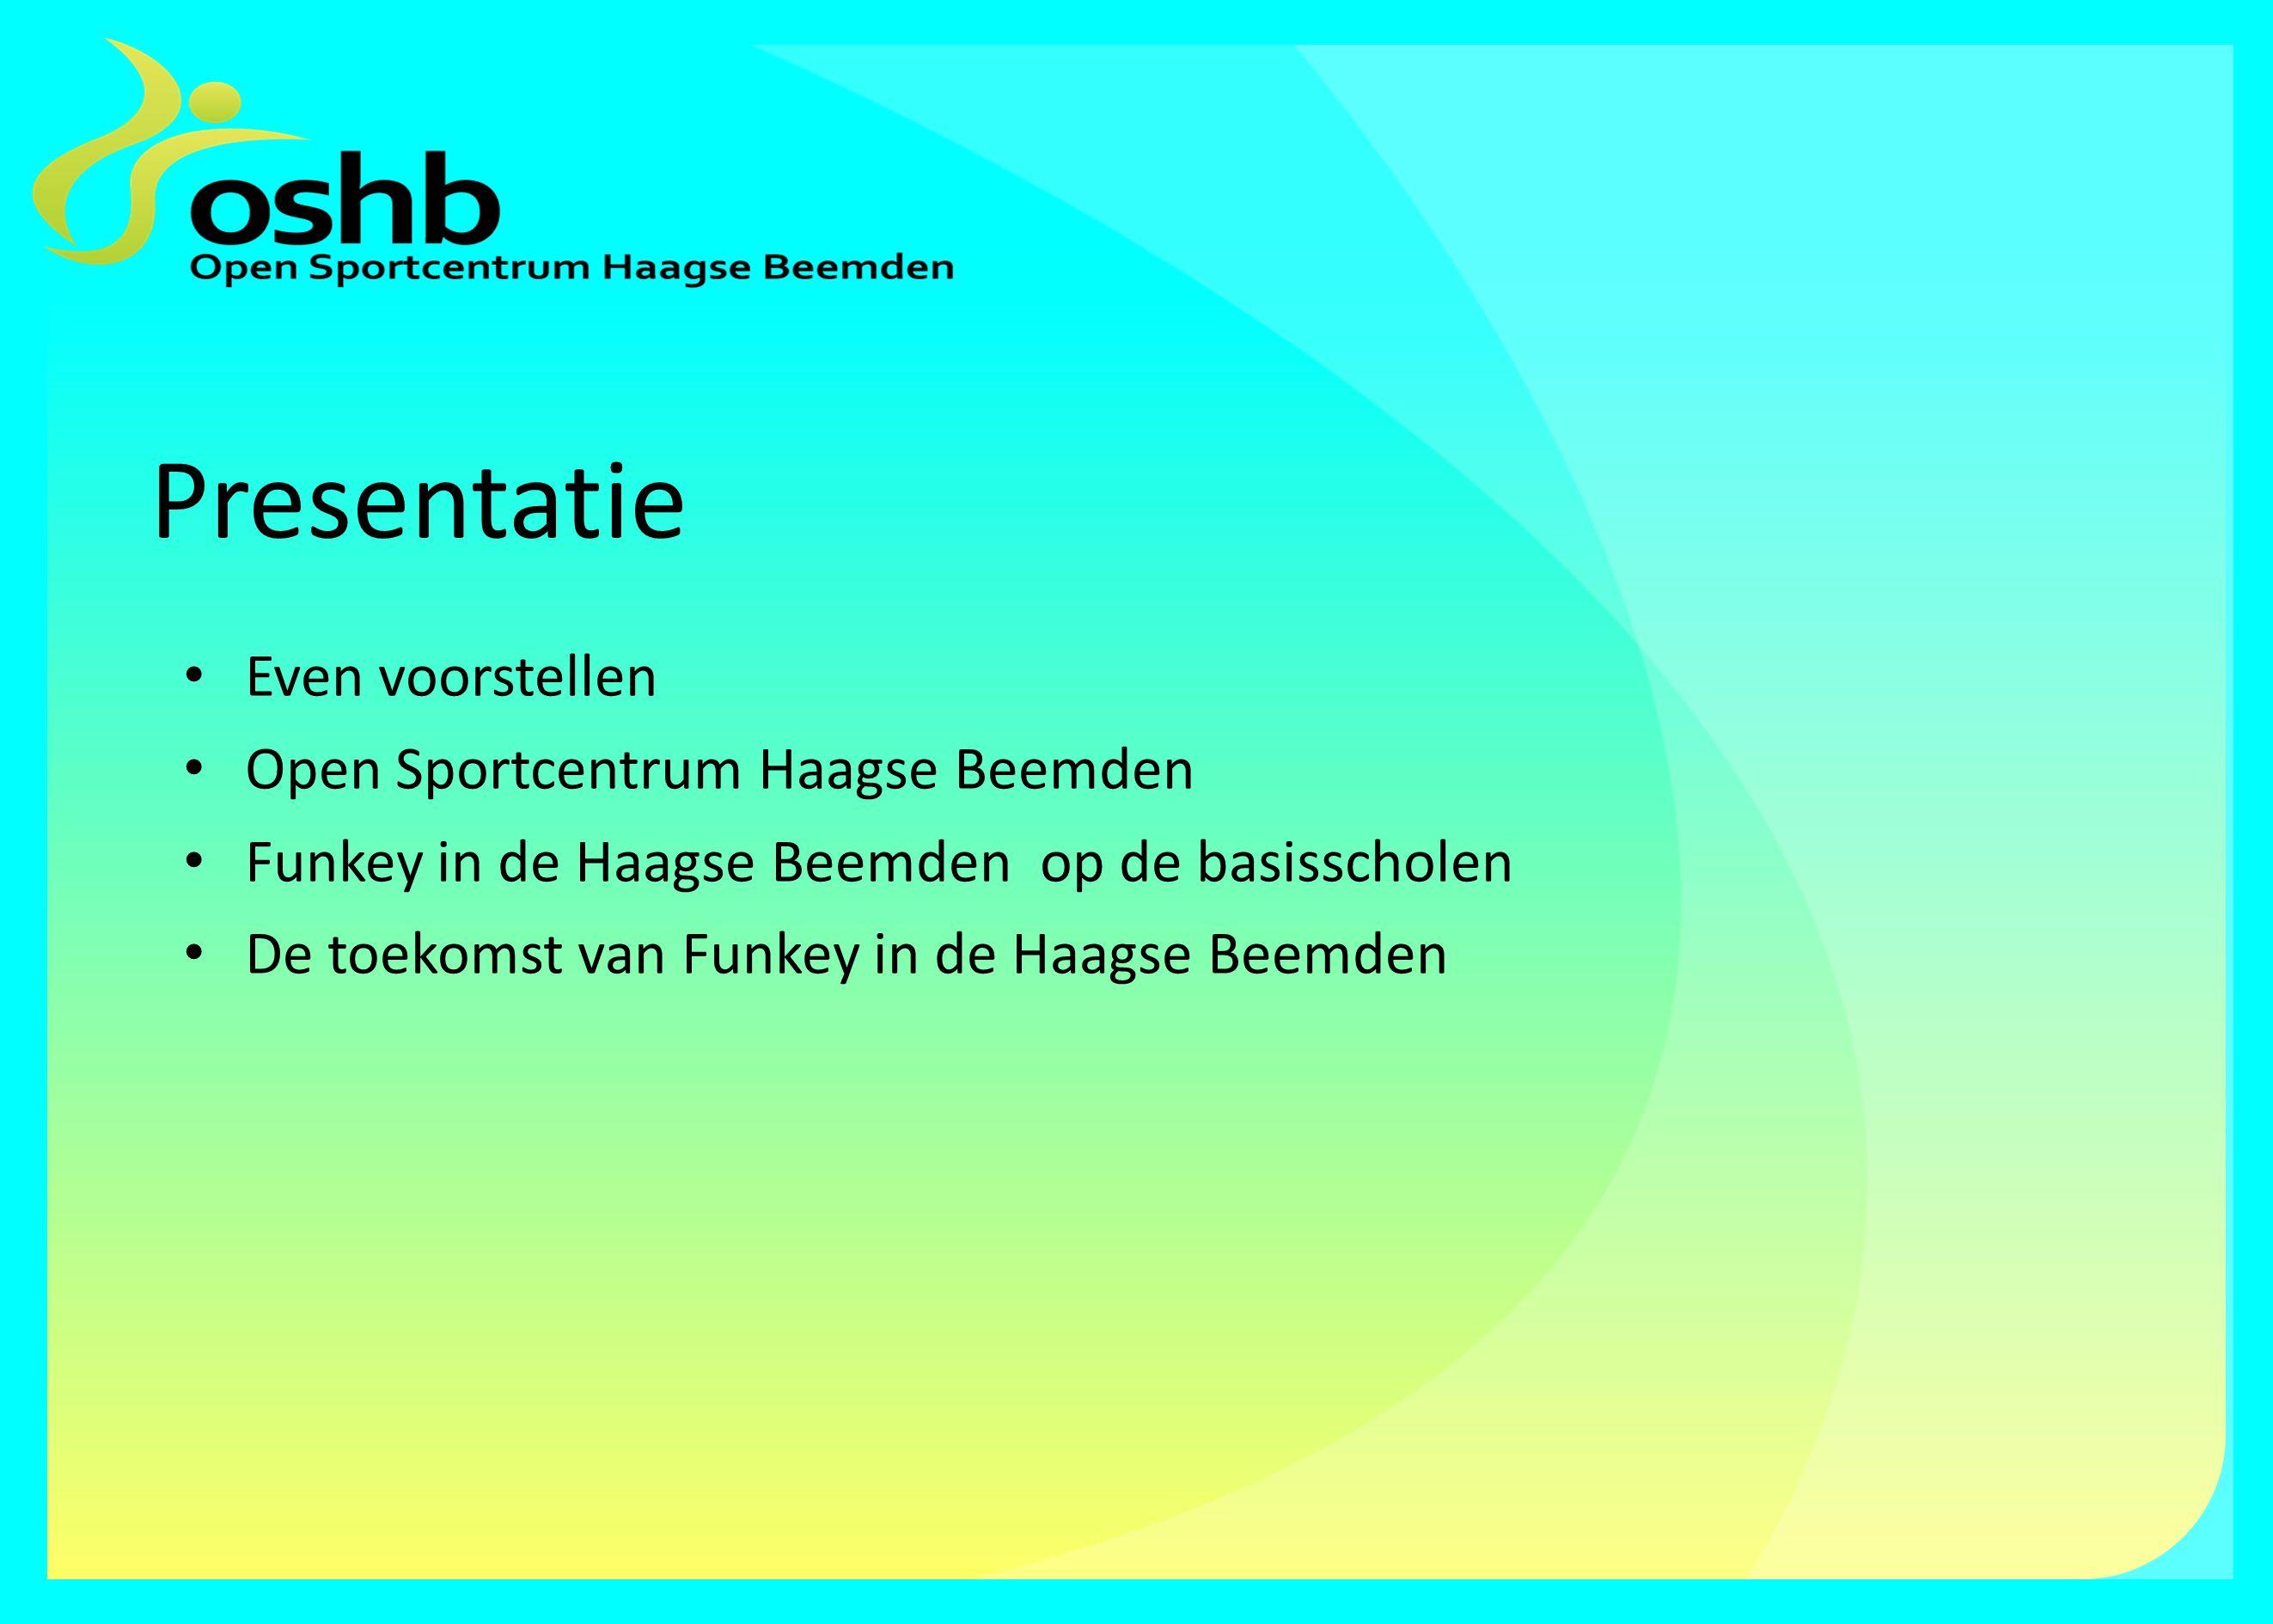 Presentatie Even voorstellen Open Sportcentrum Haagse Beemden Funkey in de Haagse Beemden op de basisscholen De toekomst van Funkey in de Haagse Beemden